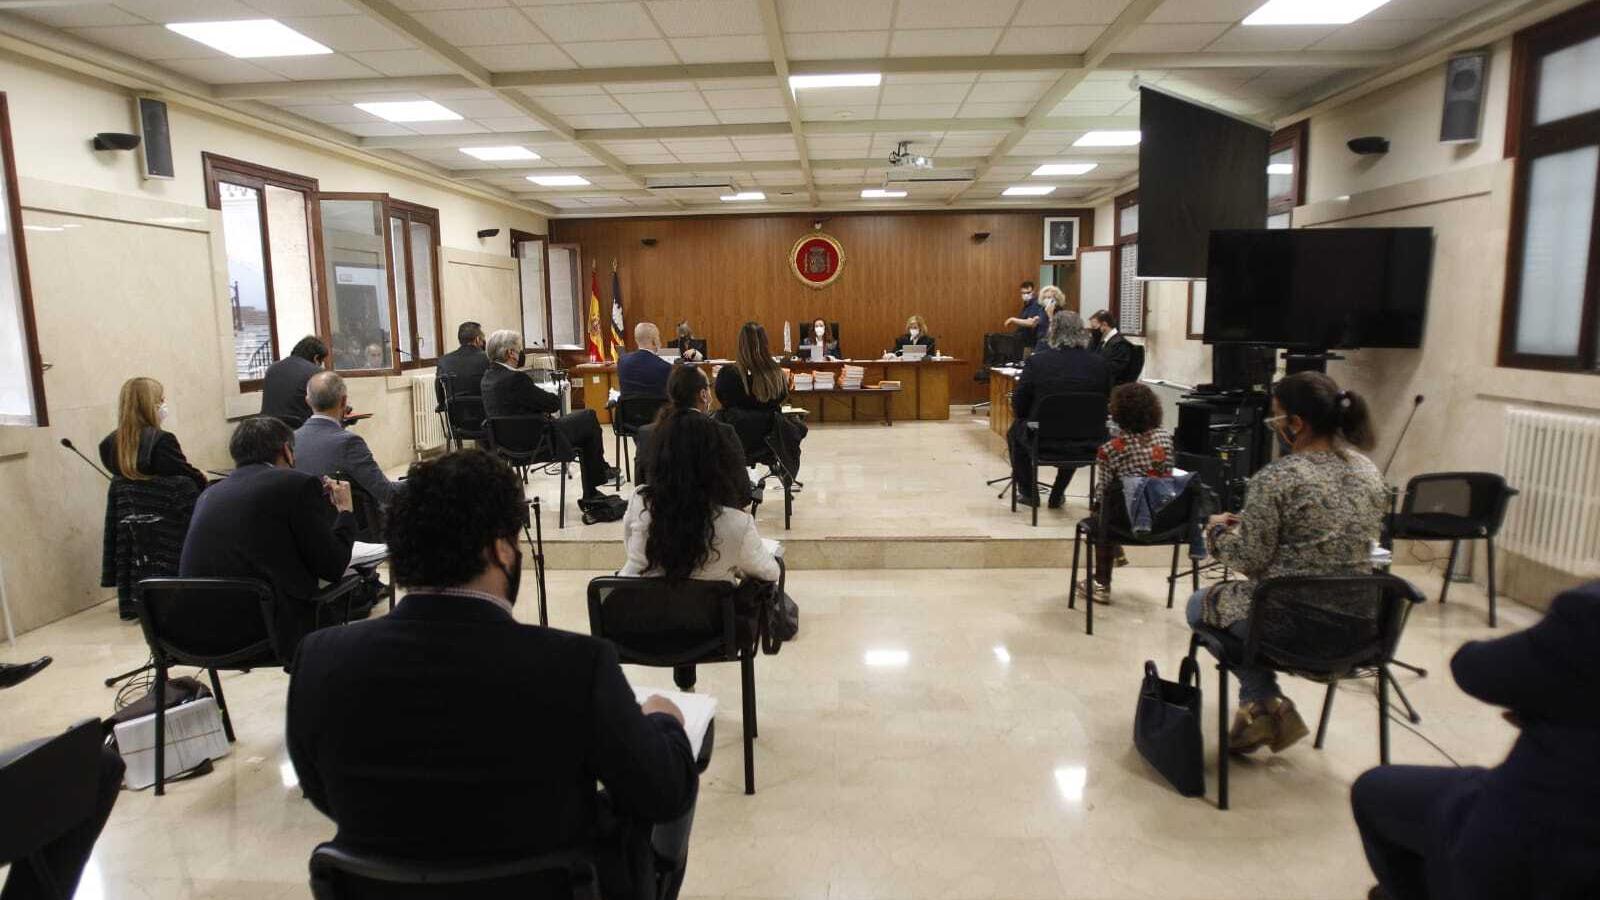 Advocats i acusats del macrojudici de narcotràfic a la Secció Segona de l'Audiència de Palma